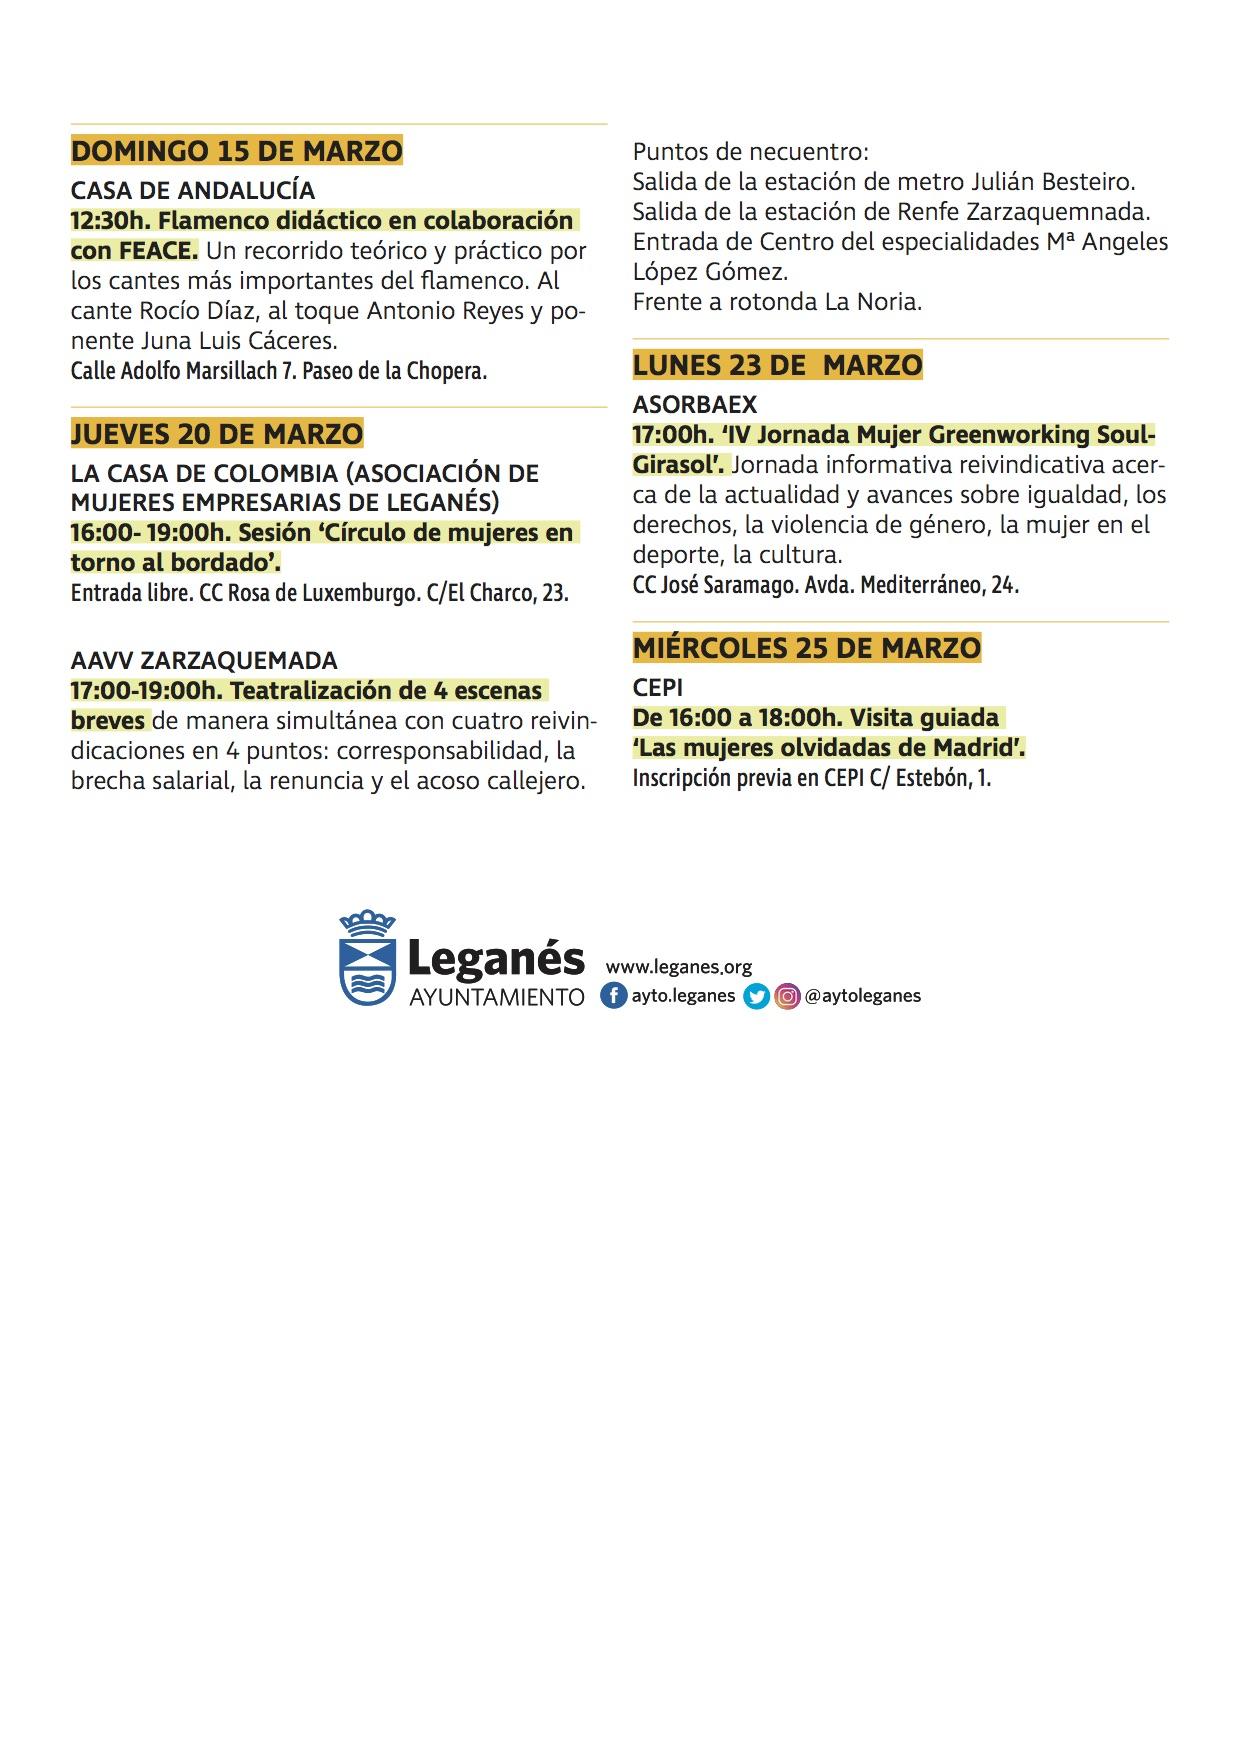 Programación completa del 8 de marzo Leganés